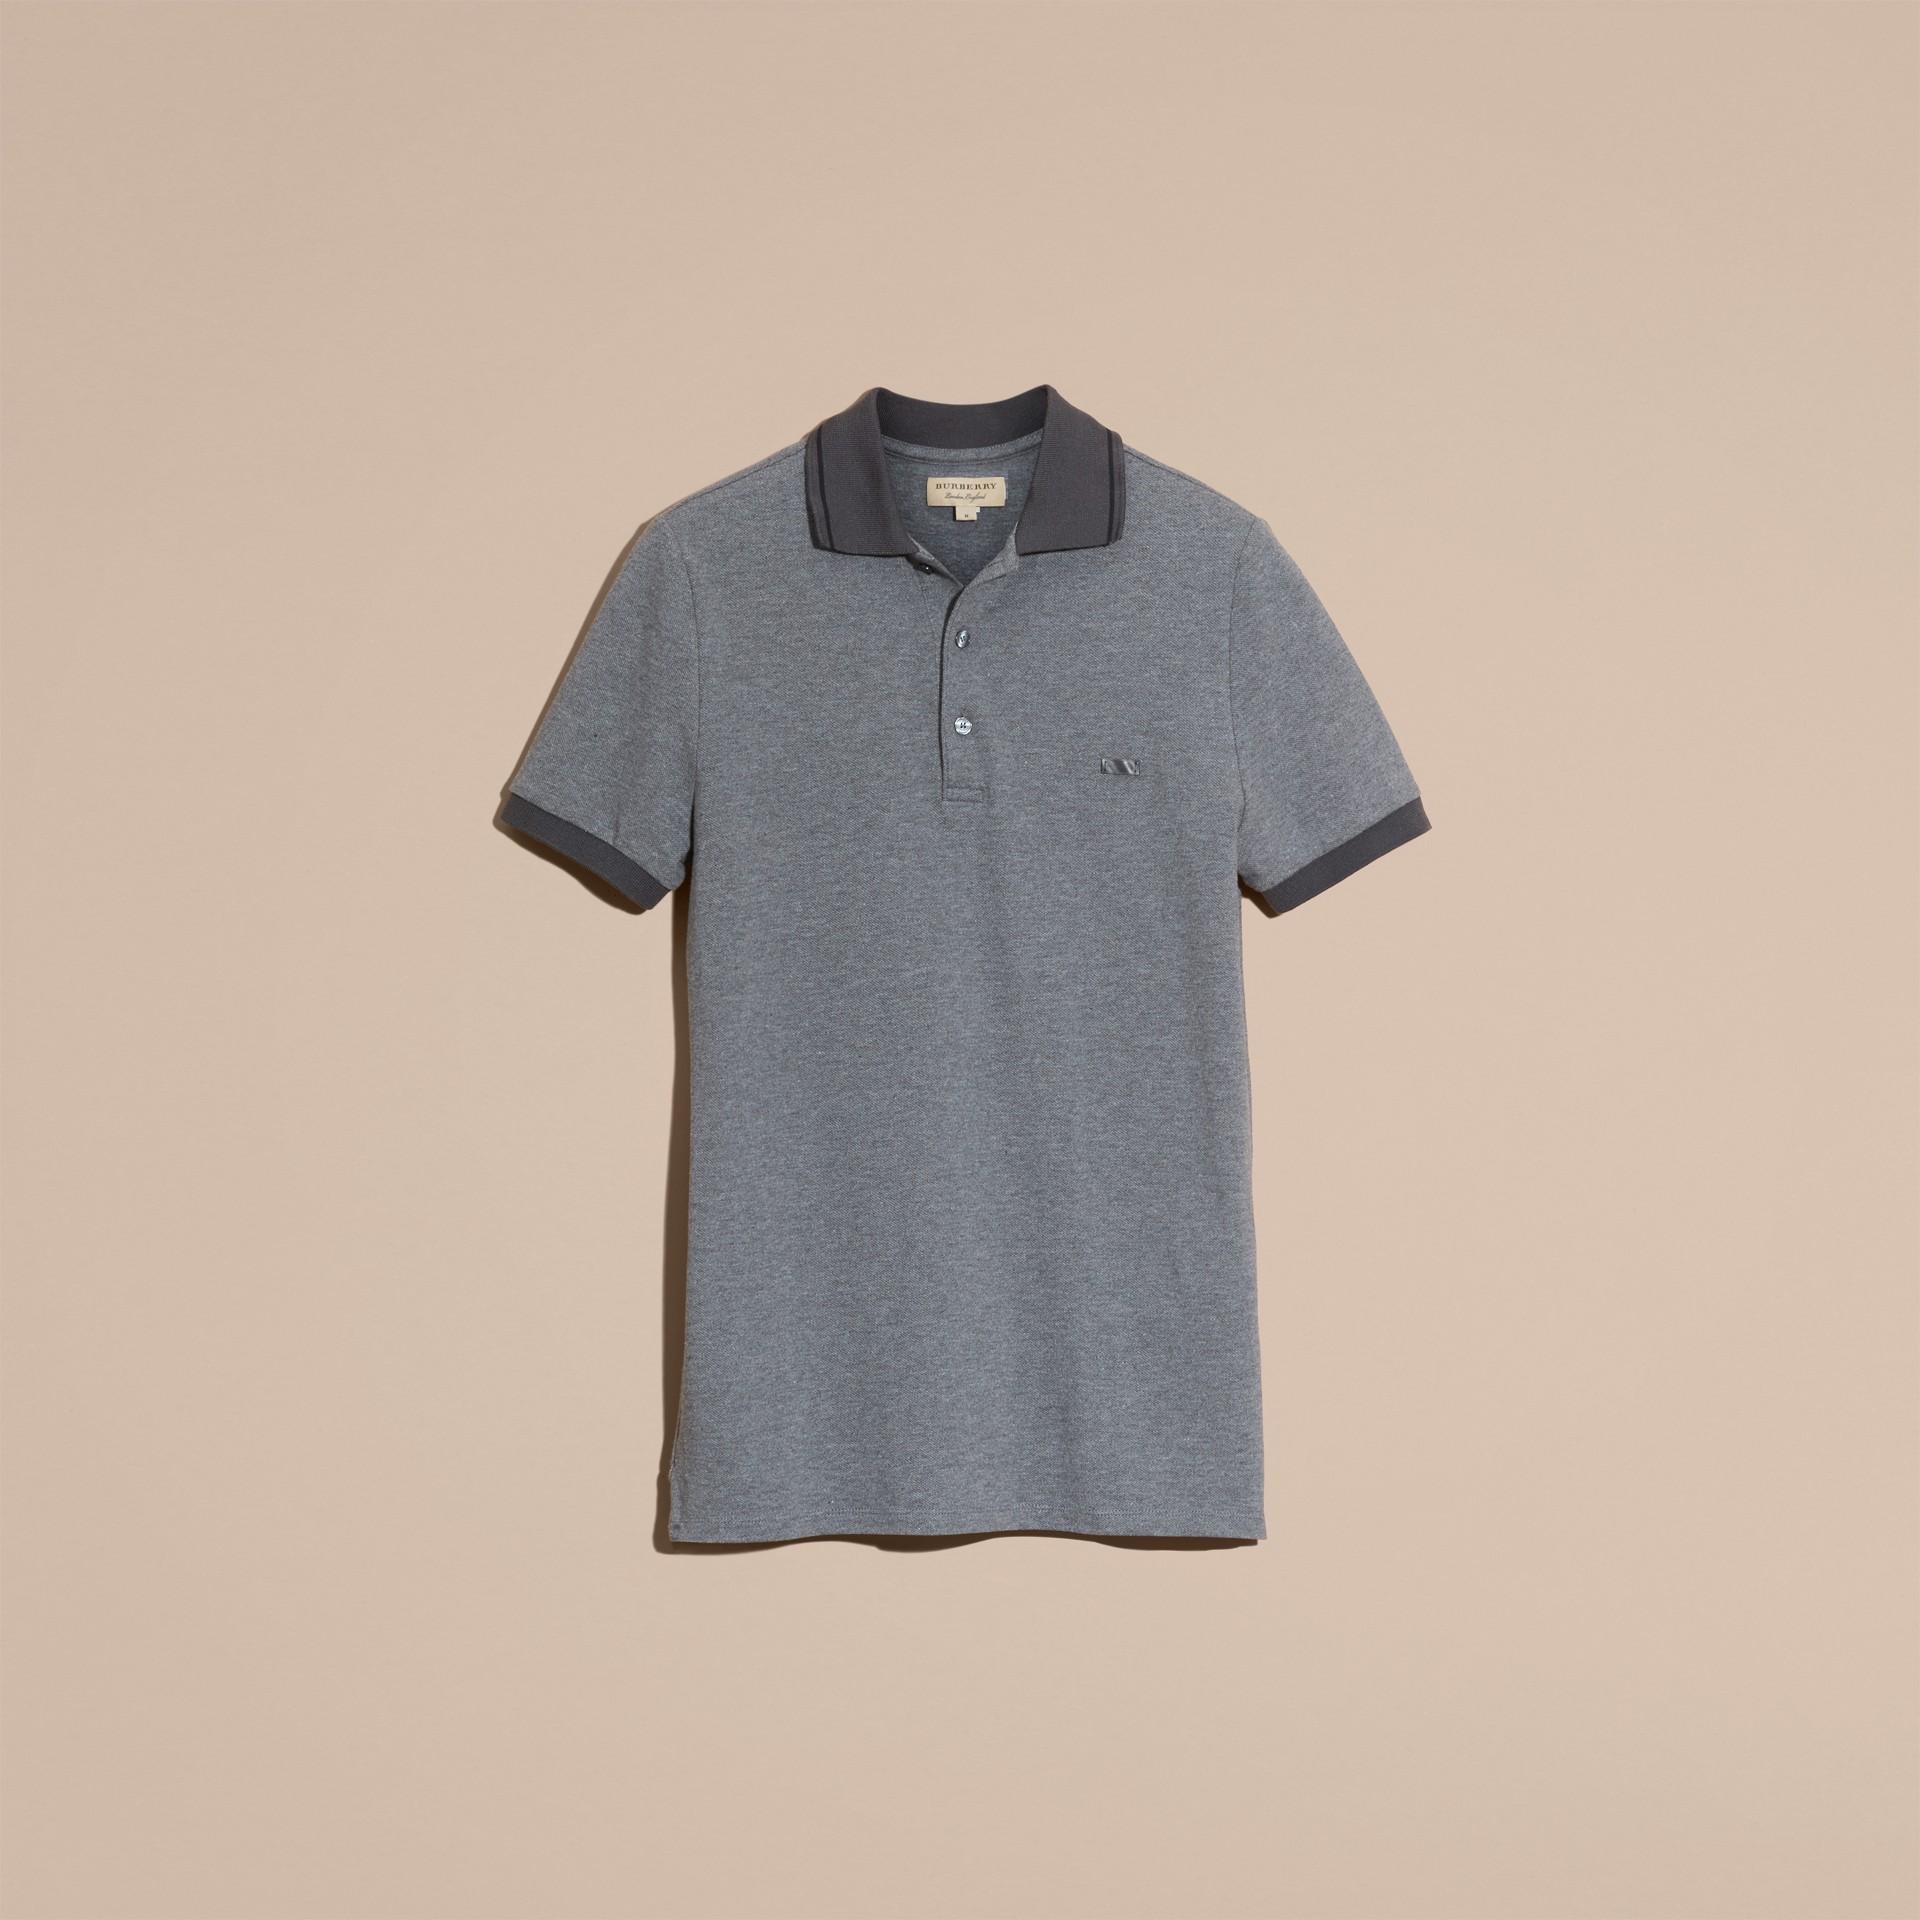 Mid grey melange Camisa polo de algodão piquê com detalhes contrastantes Mid Grey Melange - galeria de imagens 4